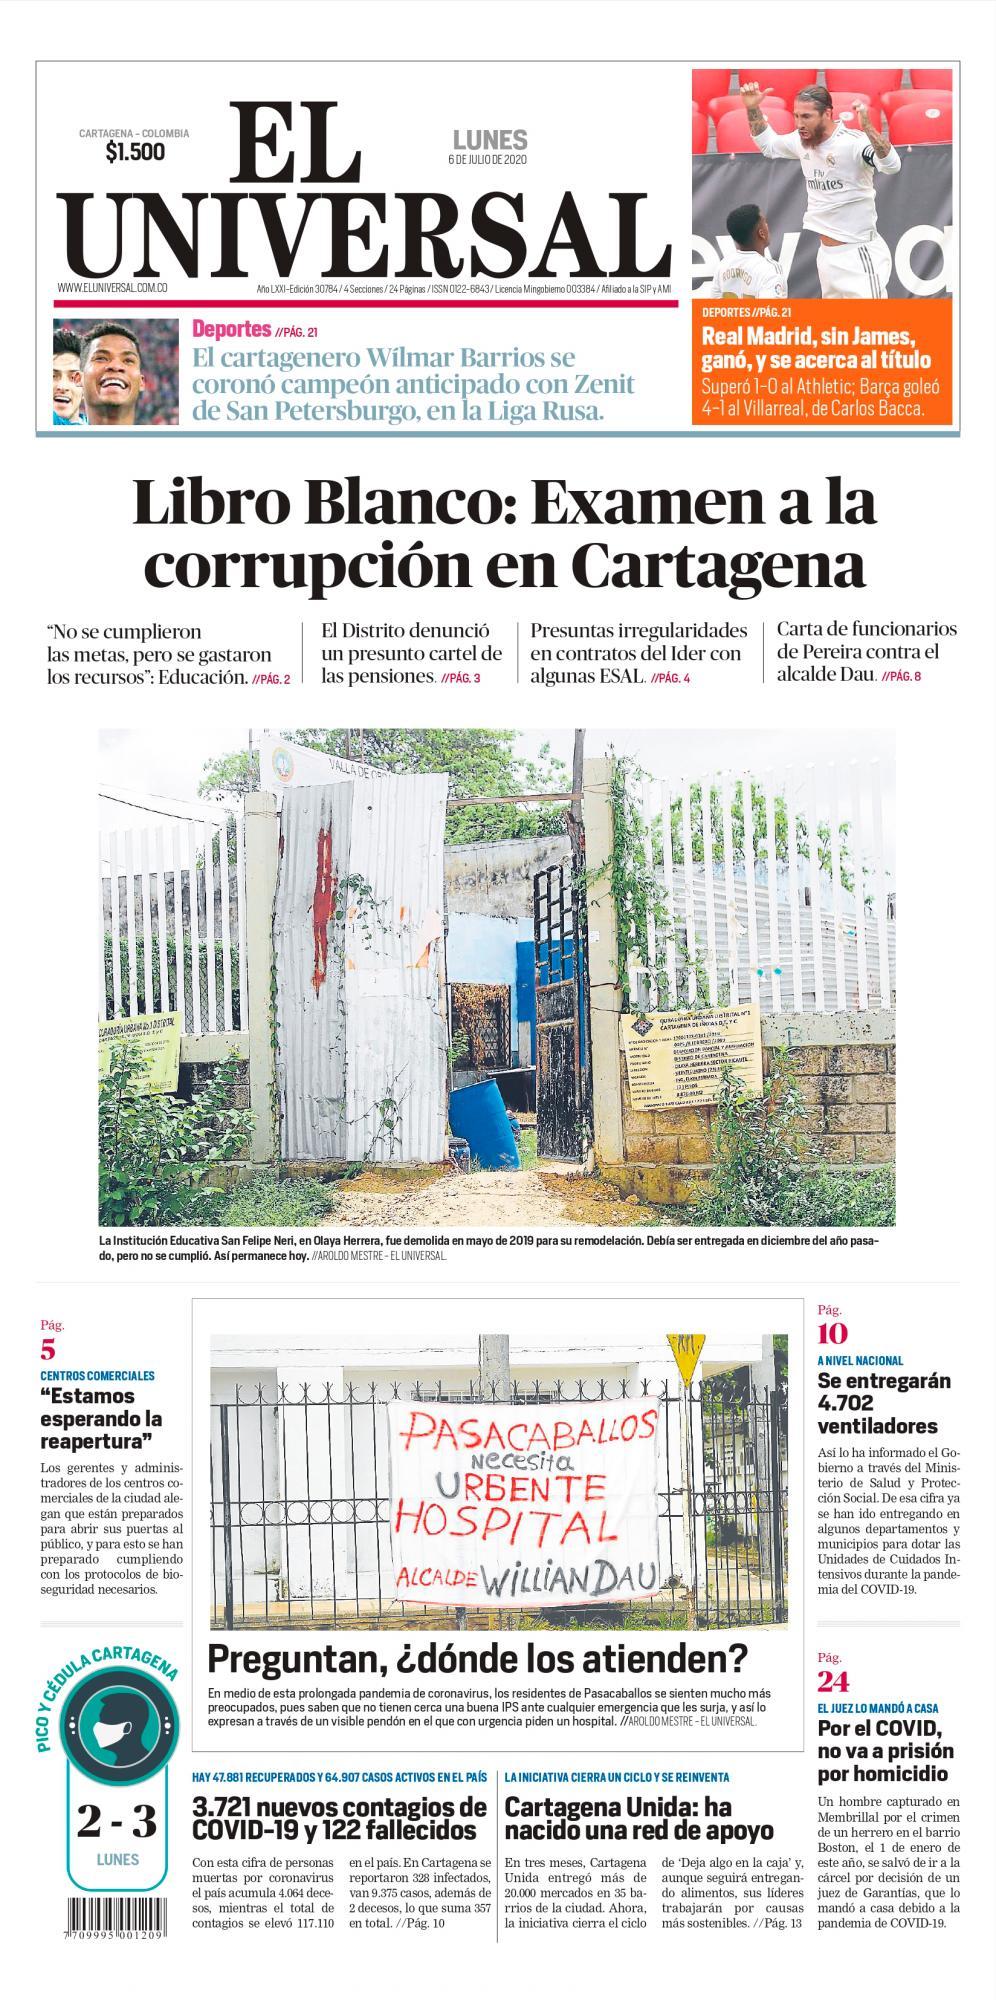 Imagen EU 06-07-2020-Página 1-UNICA_pages-to-jpg-0001 (1)